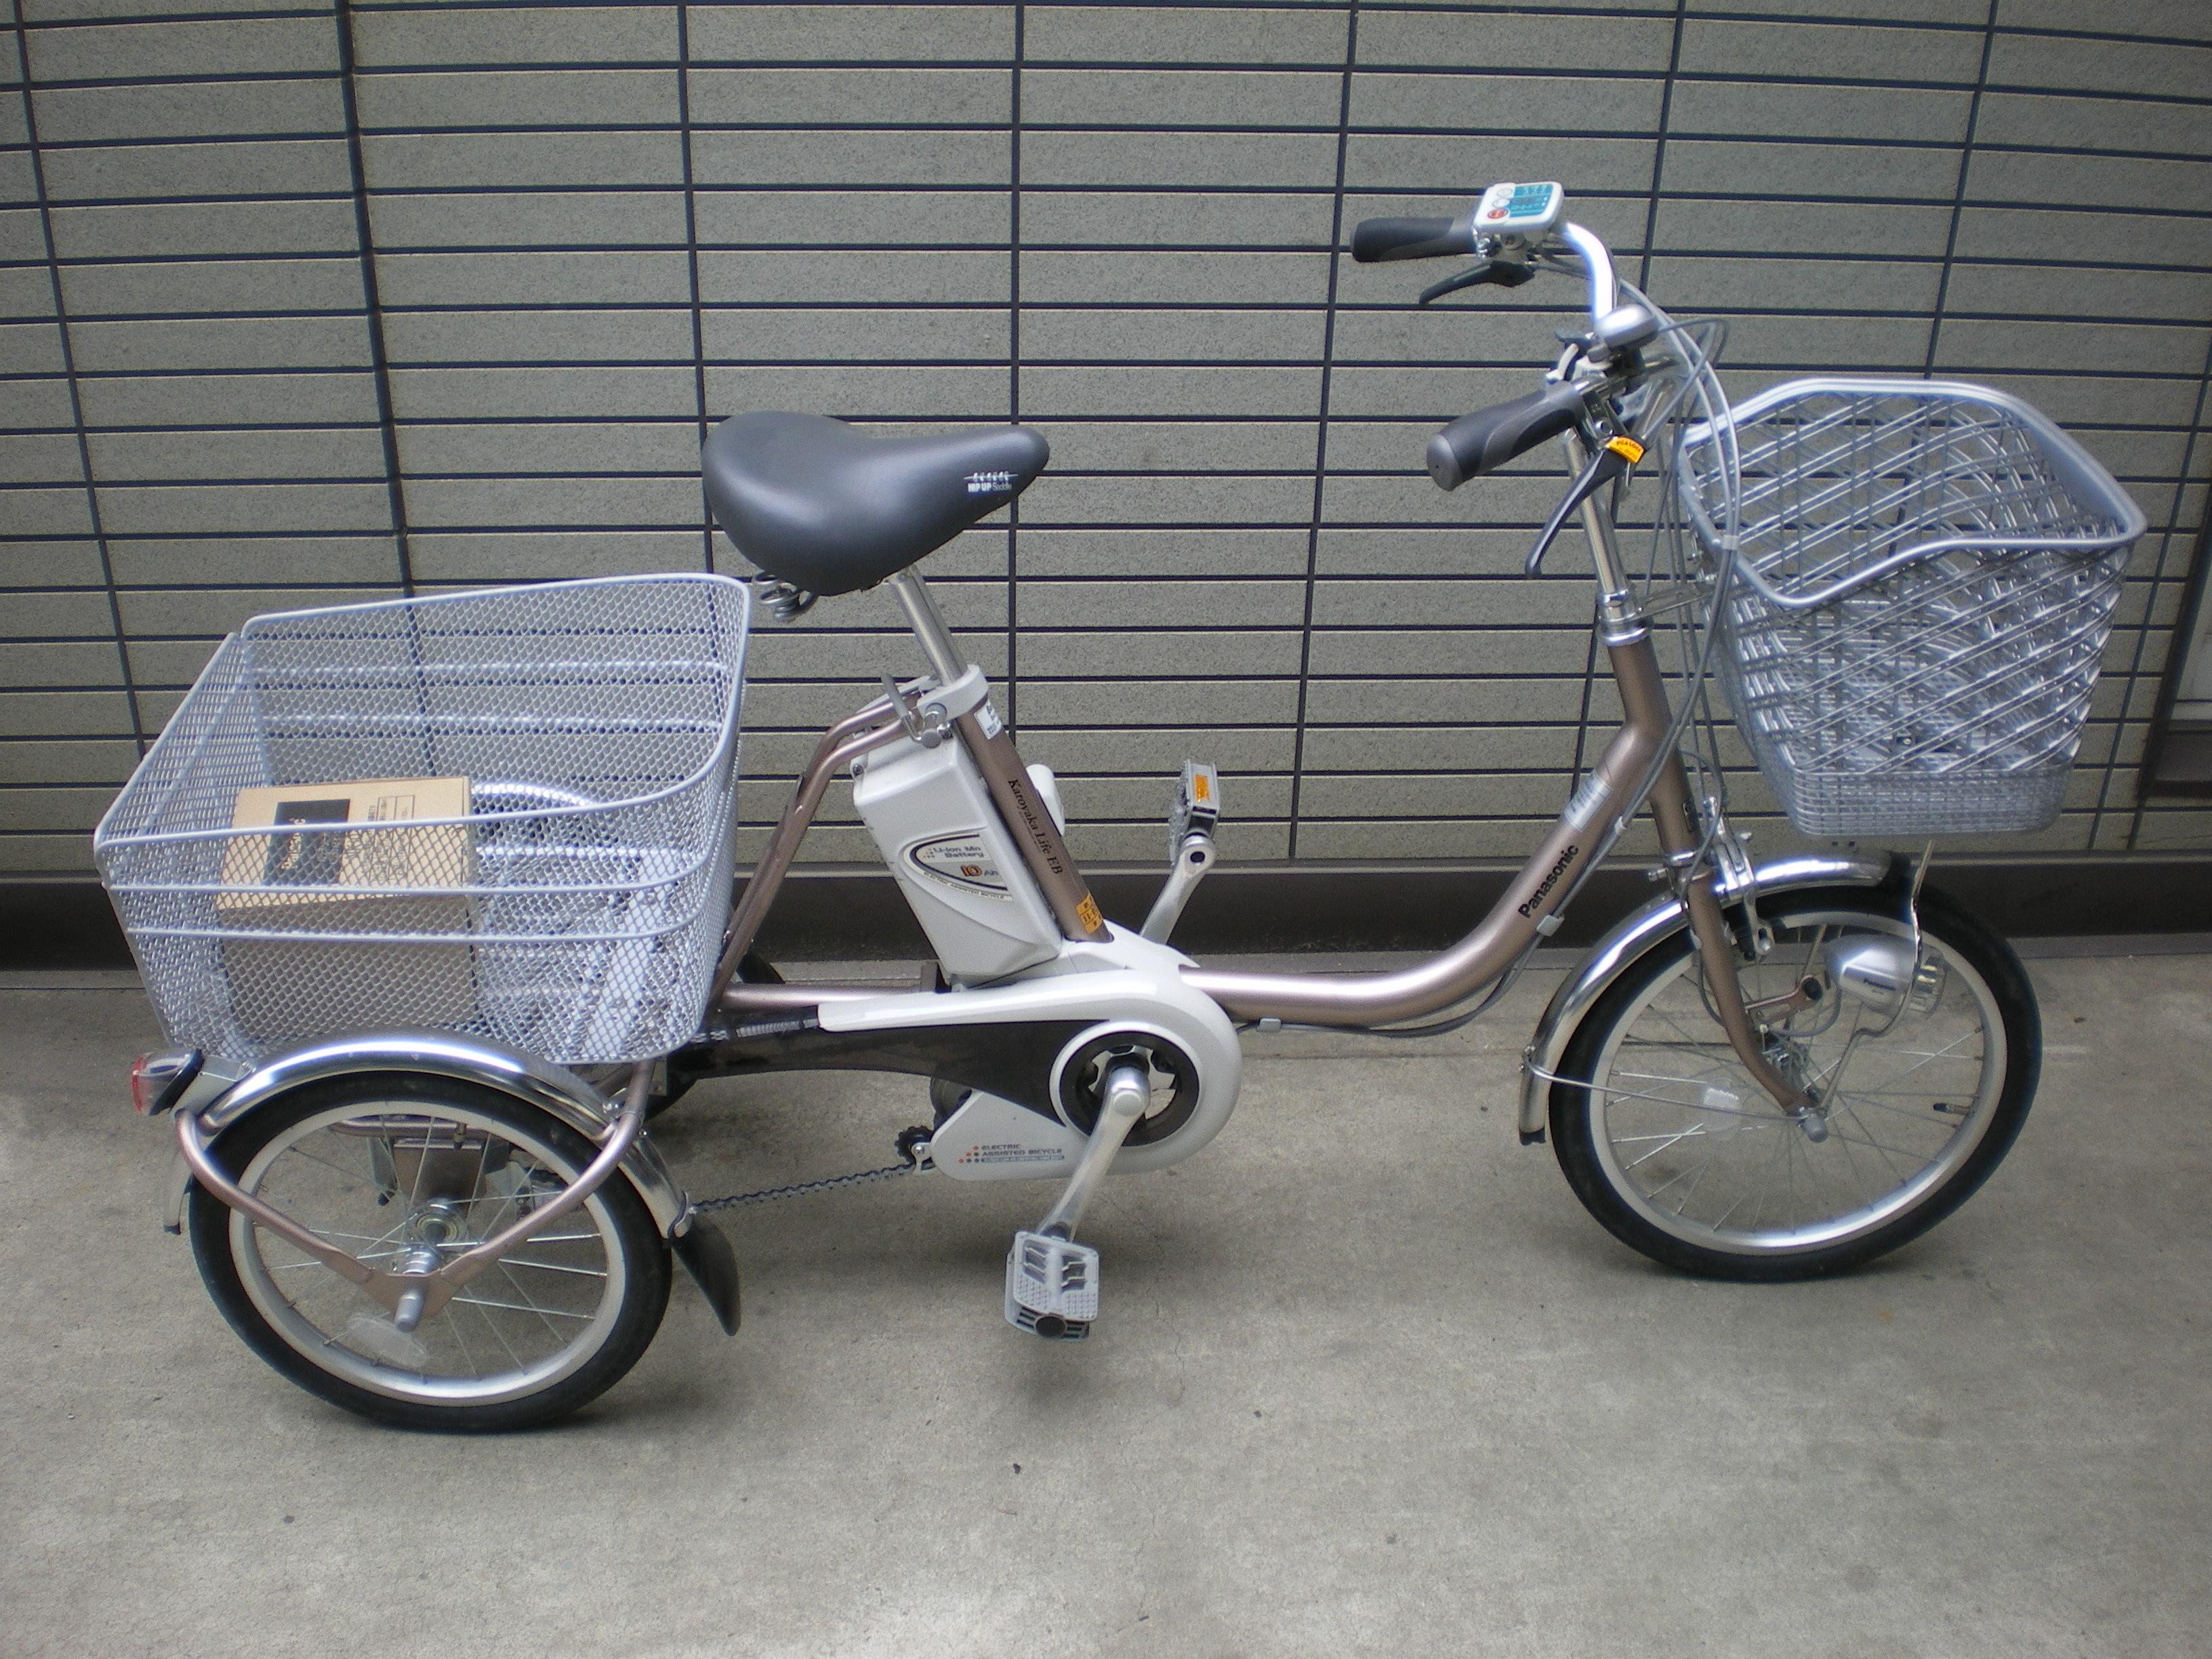 中古自転車 中古自転車 京都 : 三輪車入荷 | 京都の中古自転車 ...